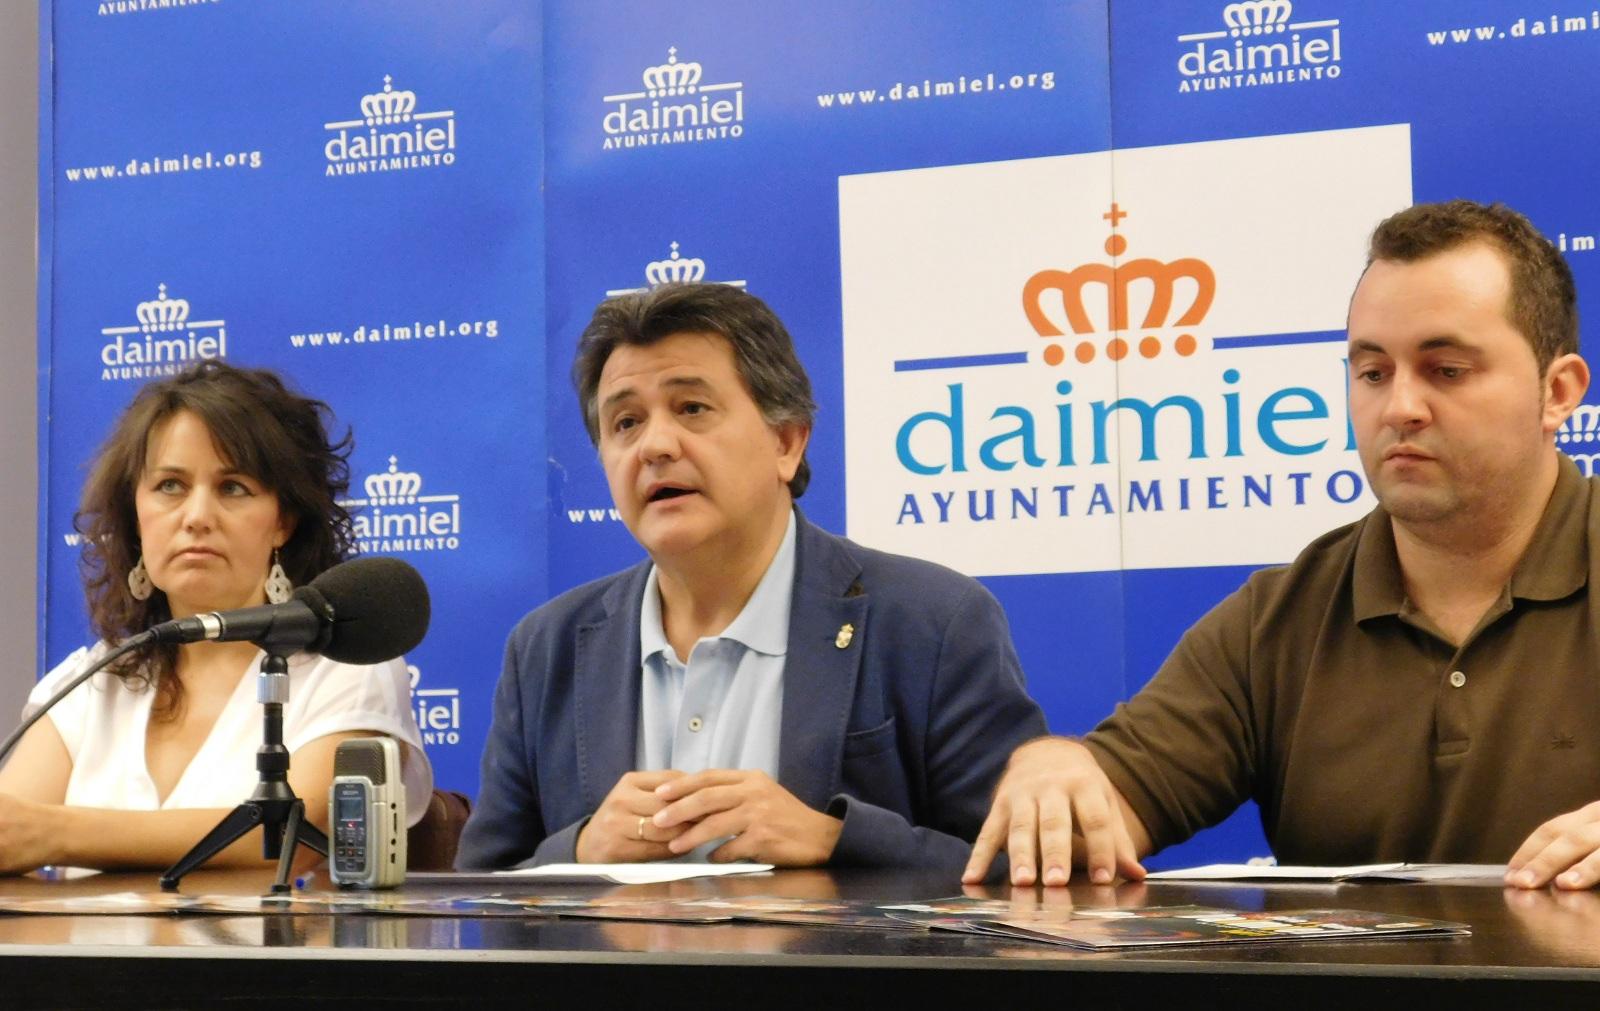 Presentación de la Feria de Daimiel